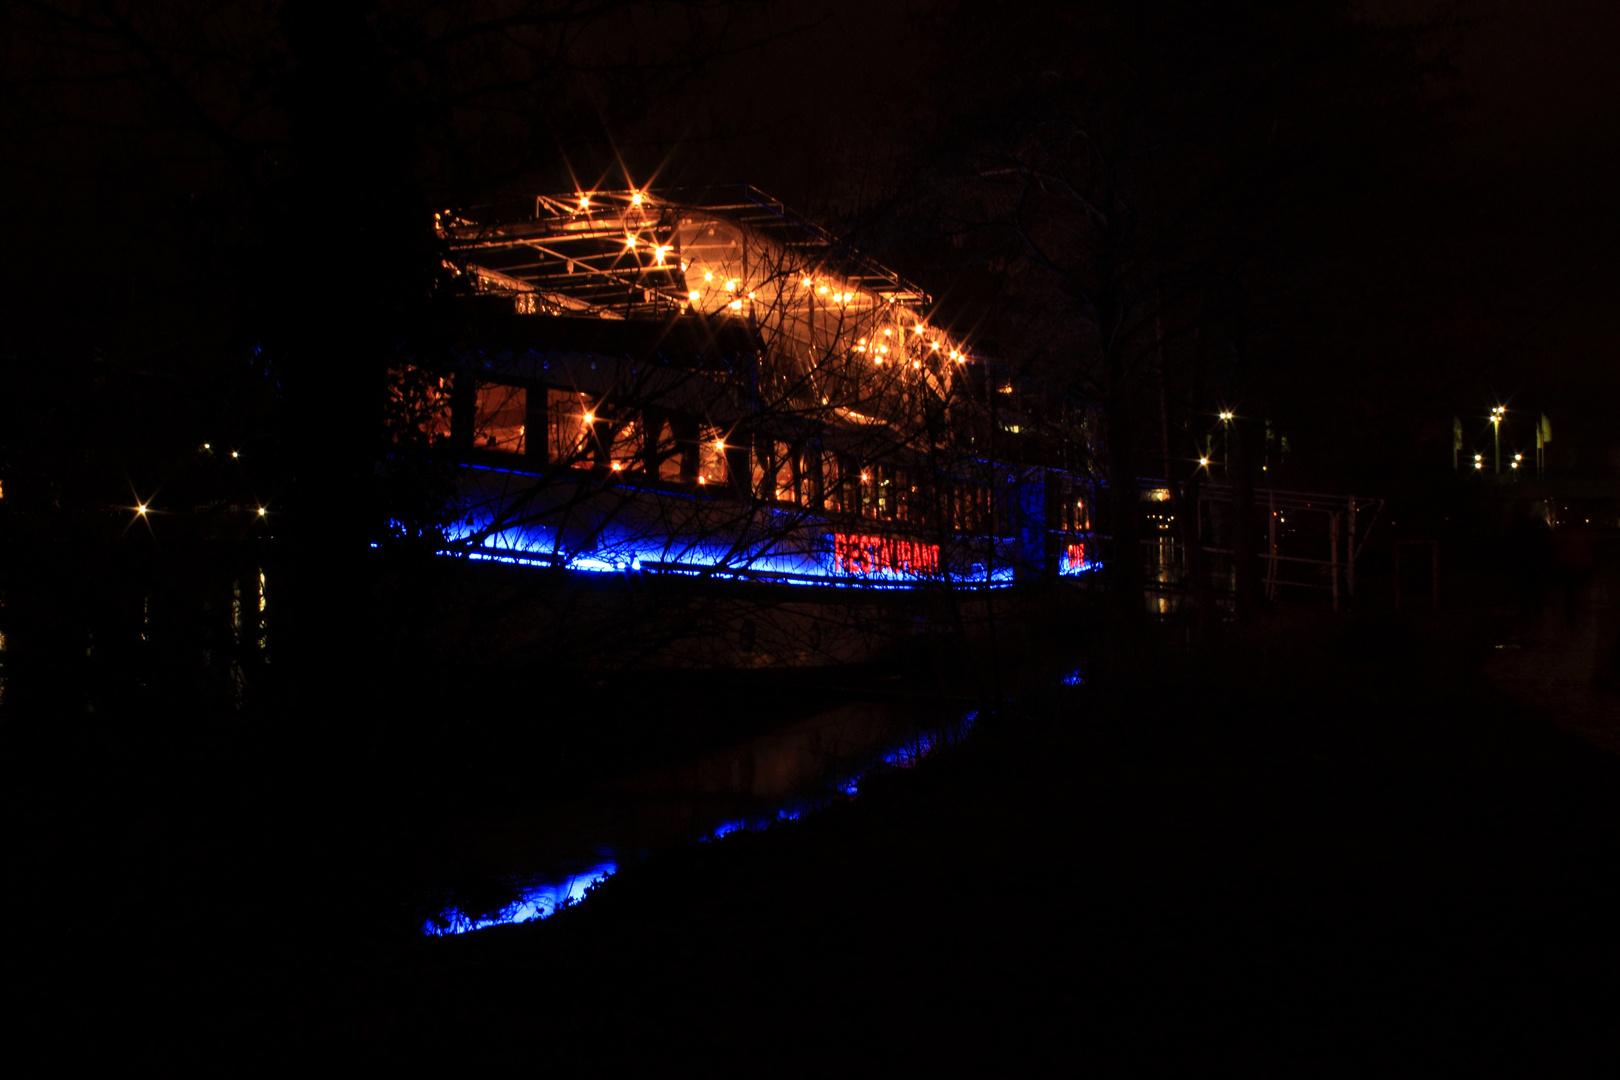 Schiffsrestaurant Heidelberg